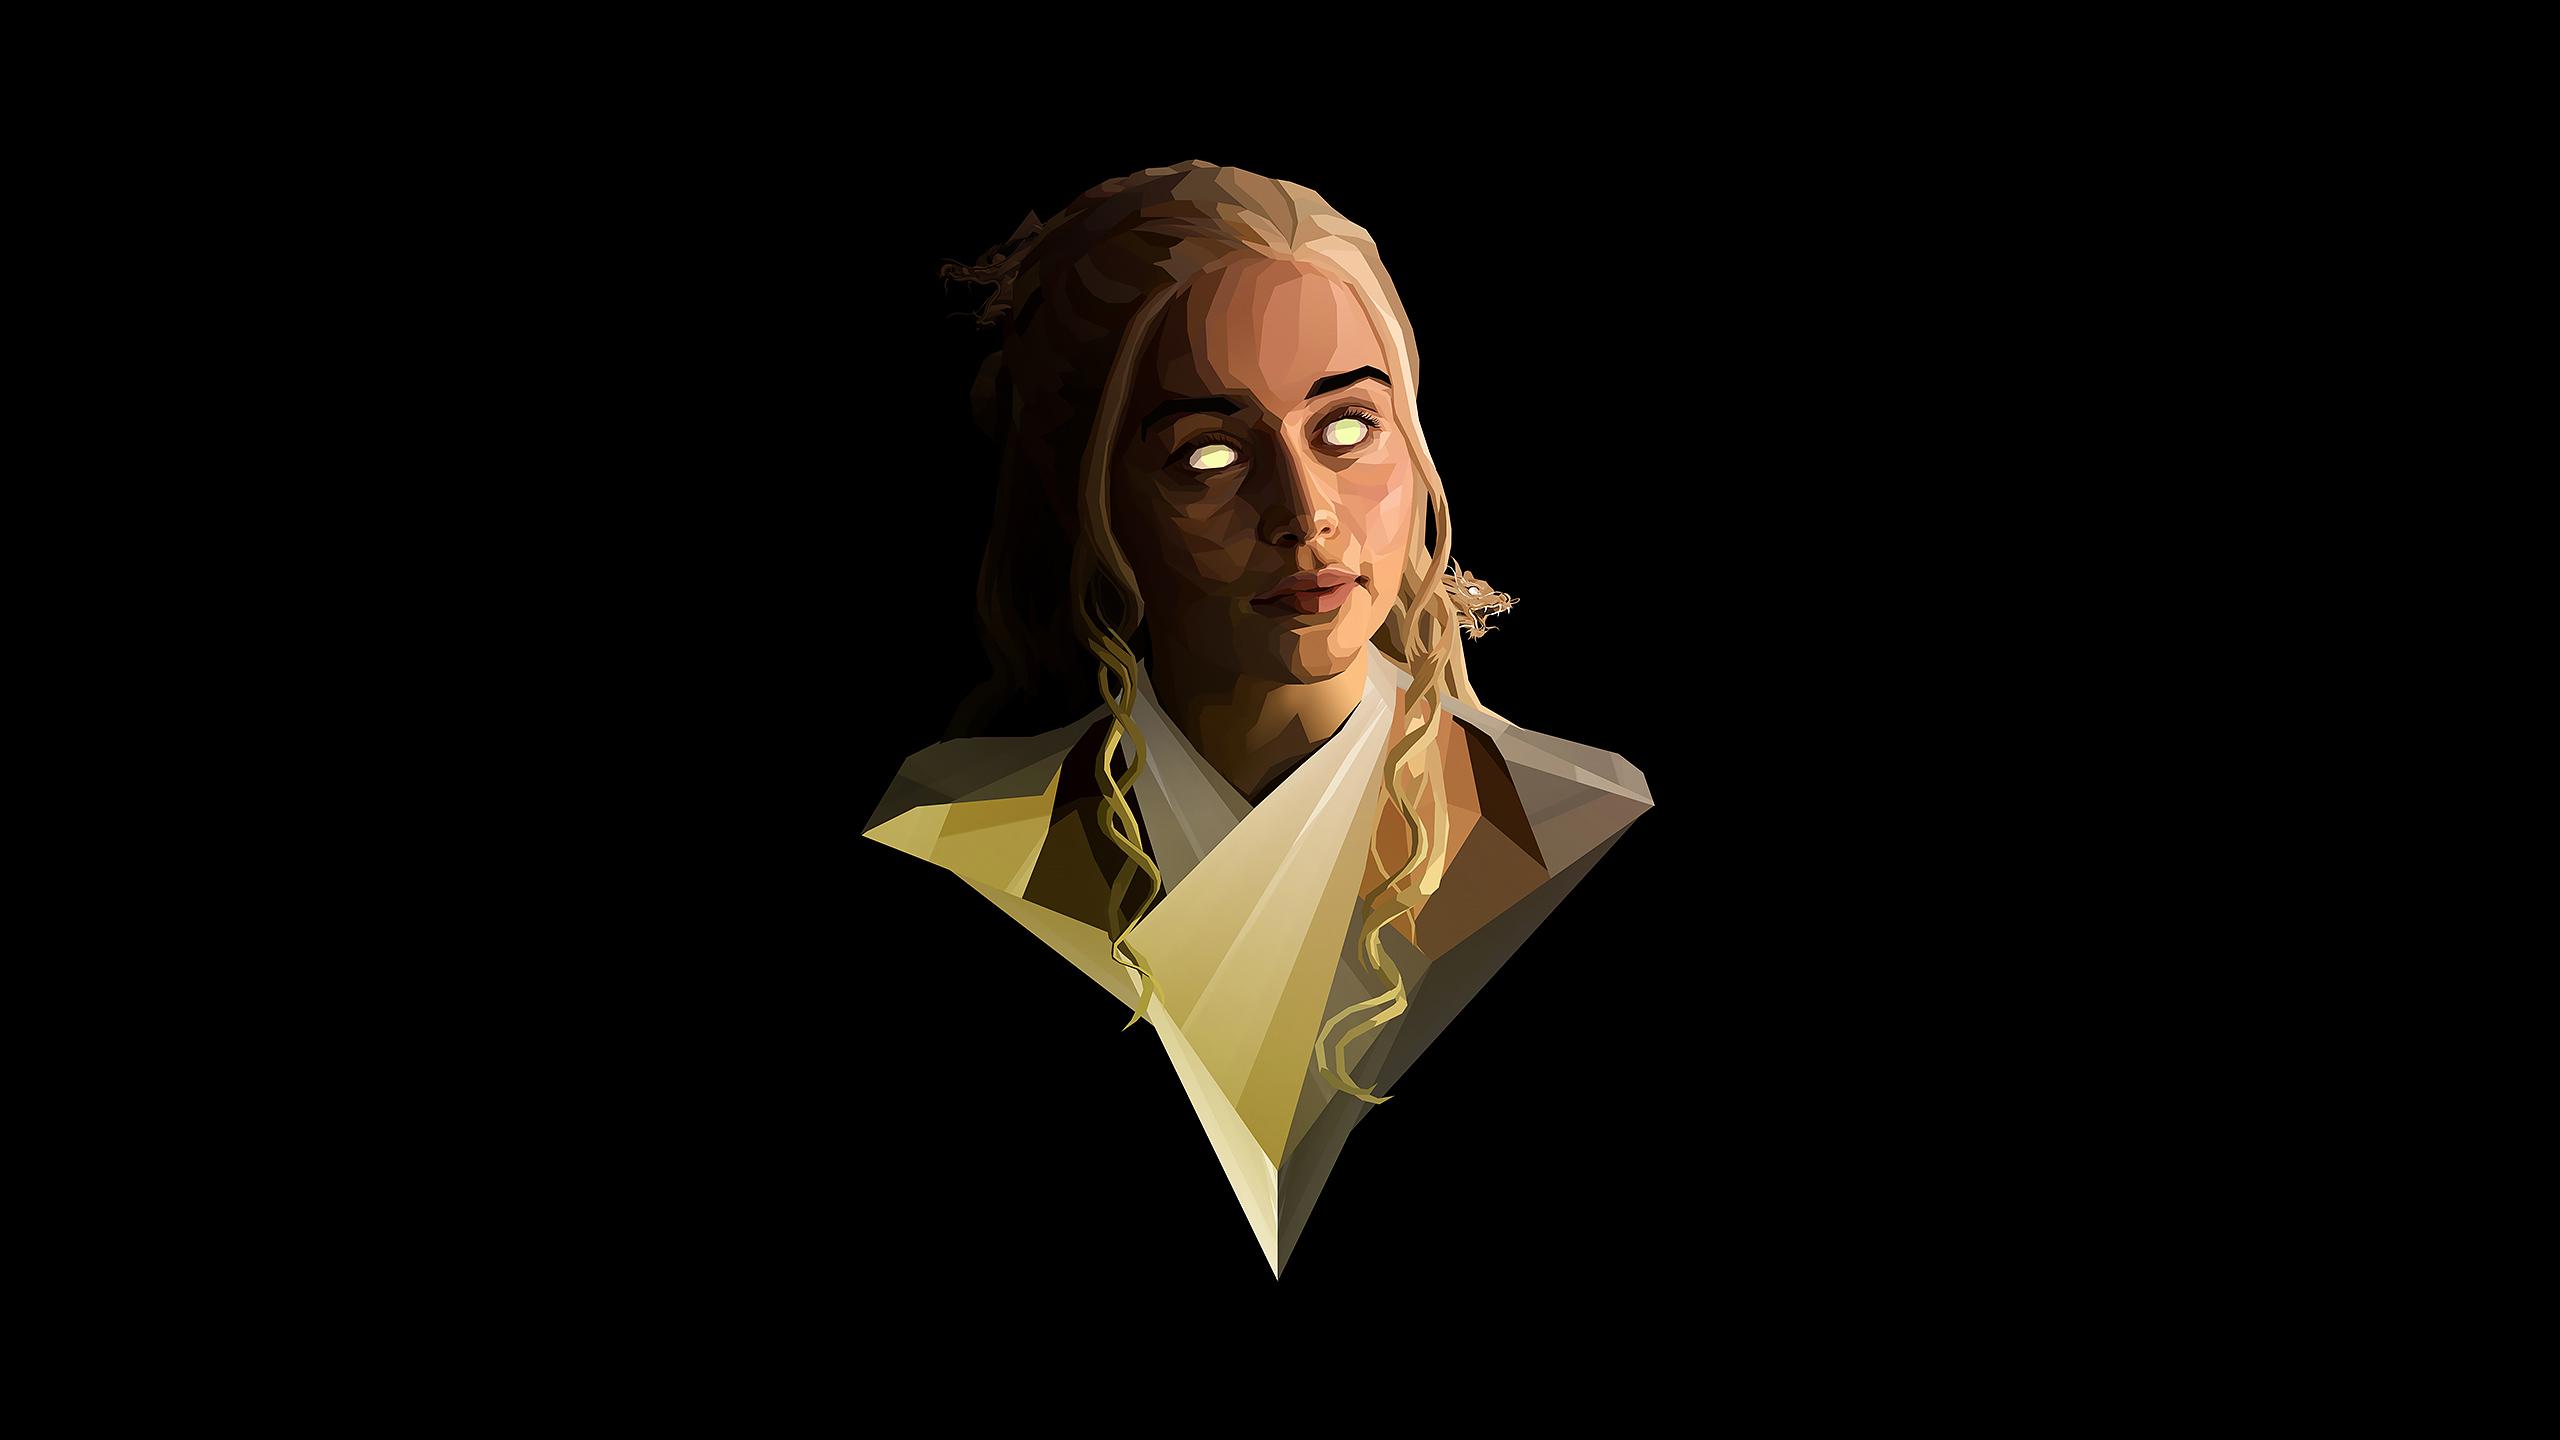 Emilia Clarke Polygon Art 4k, HD Tv Shows, 4k Wallpapers